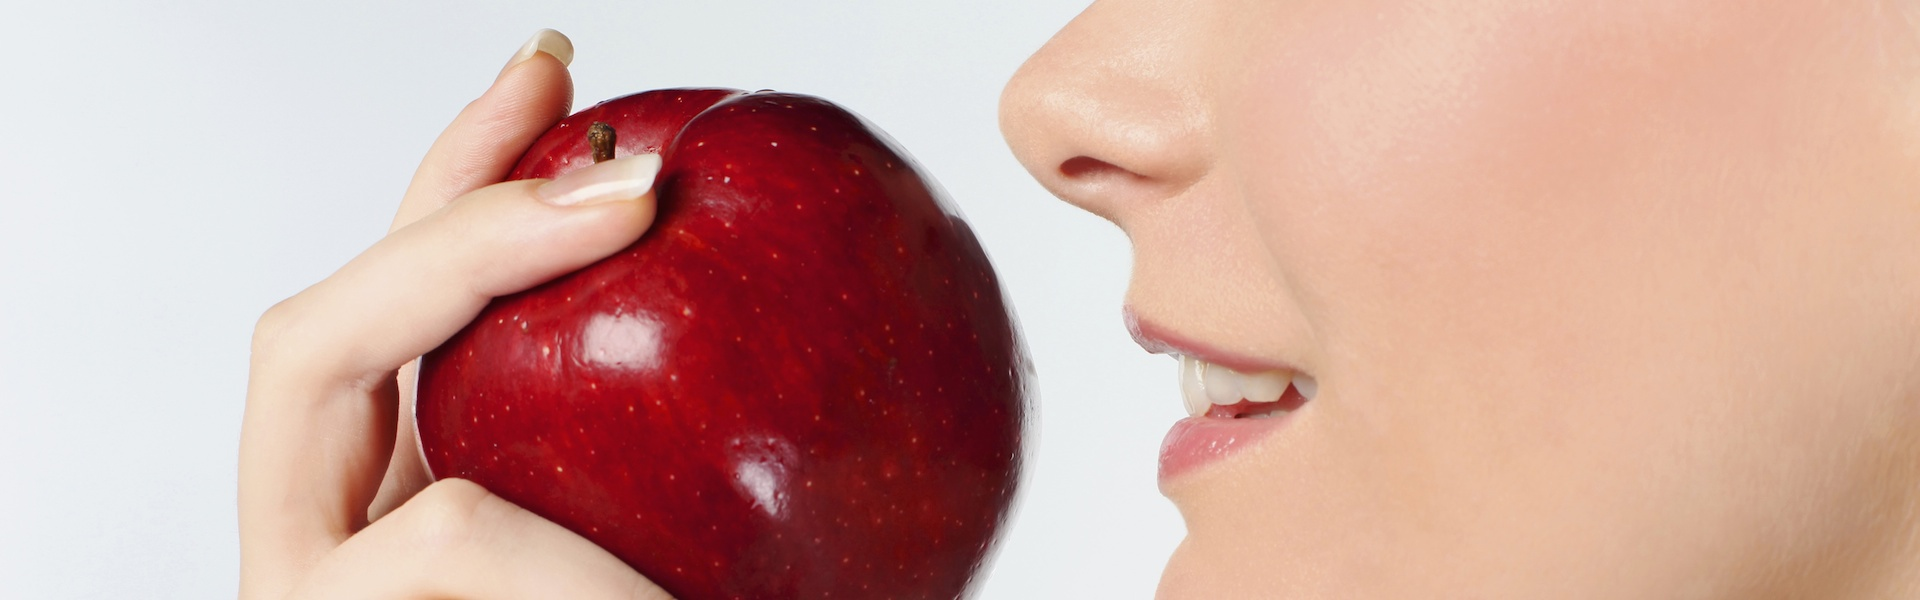 Жена отхапва ябълка